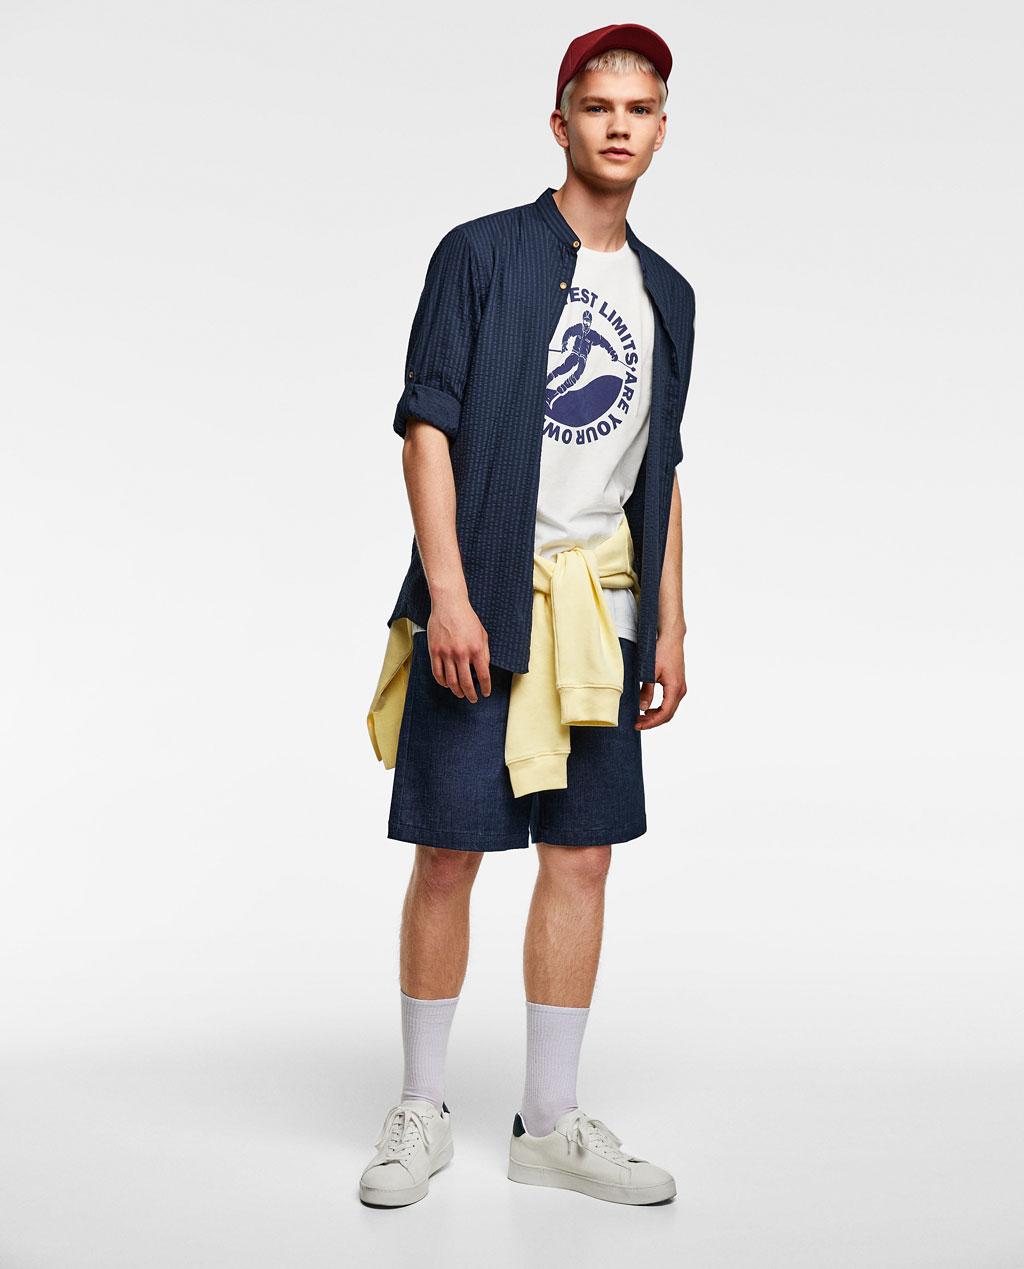 Thời trang nam Zara  23942 - ảnh 10